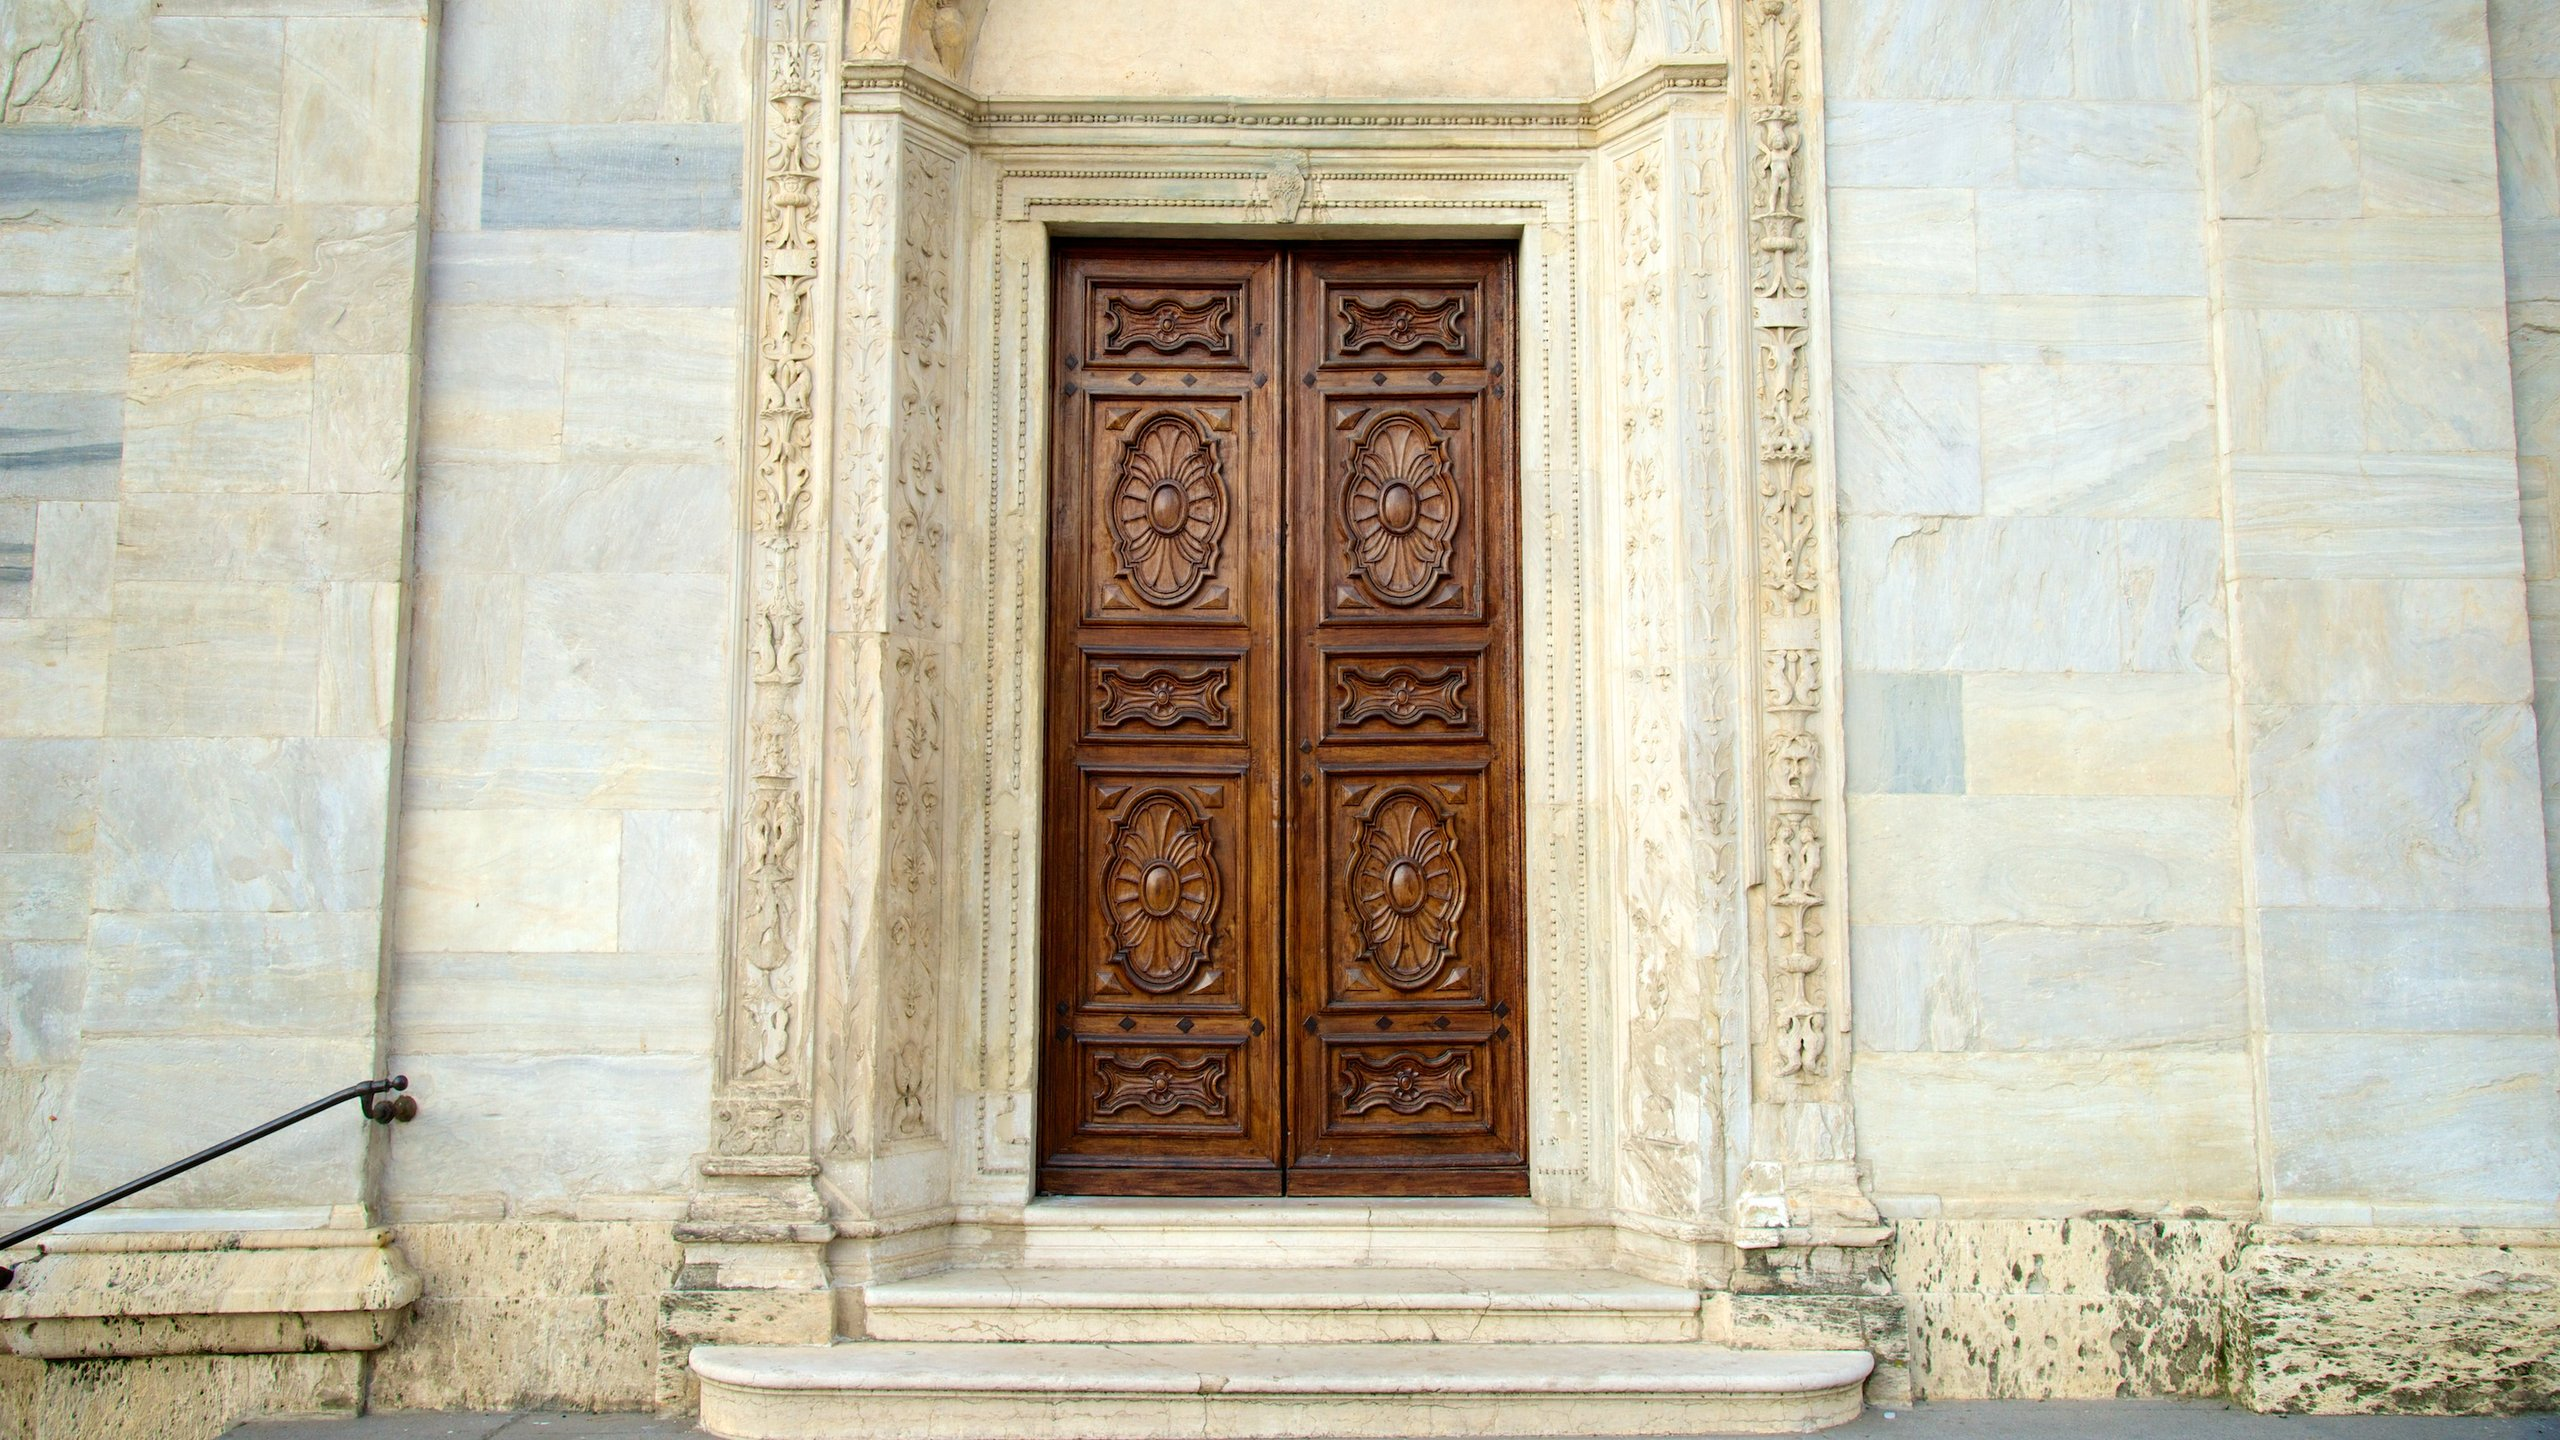 Johannes Døperens katedral er byens største katolske kirke, og her finner du likkledet i Torino, som mange tror Jesu legeme var svøpt i da han ble gravlagt.